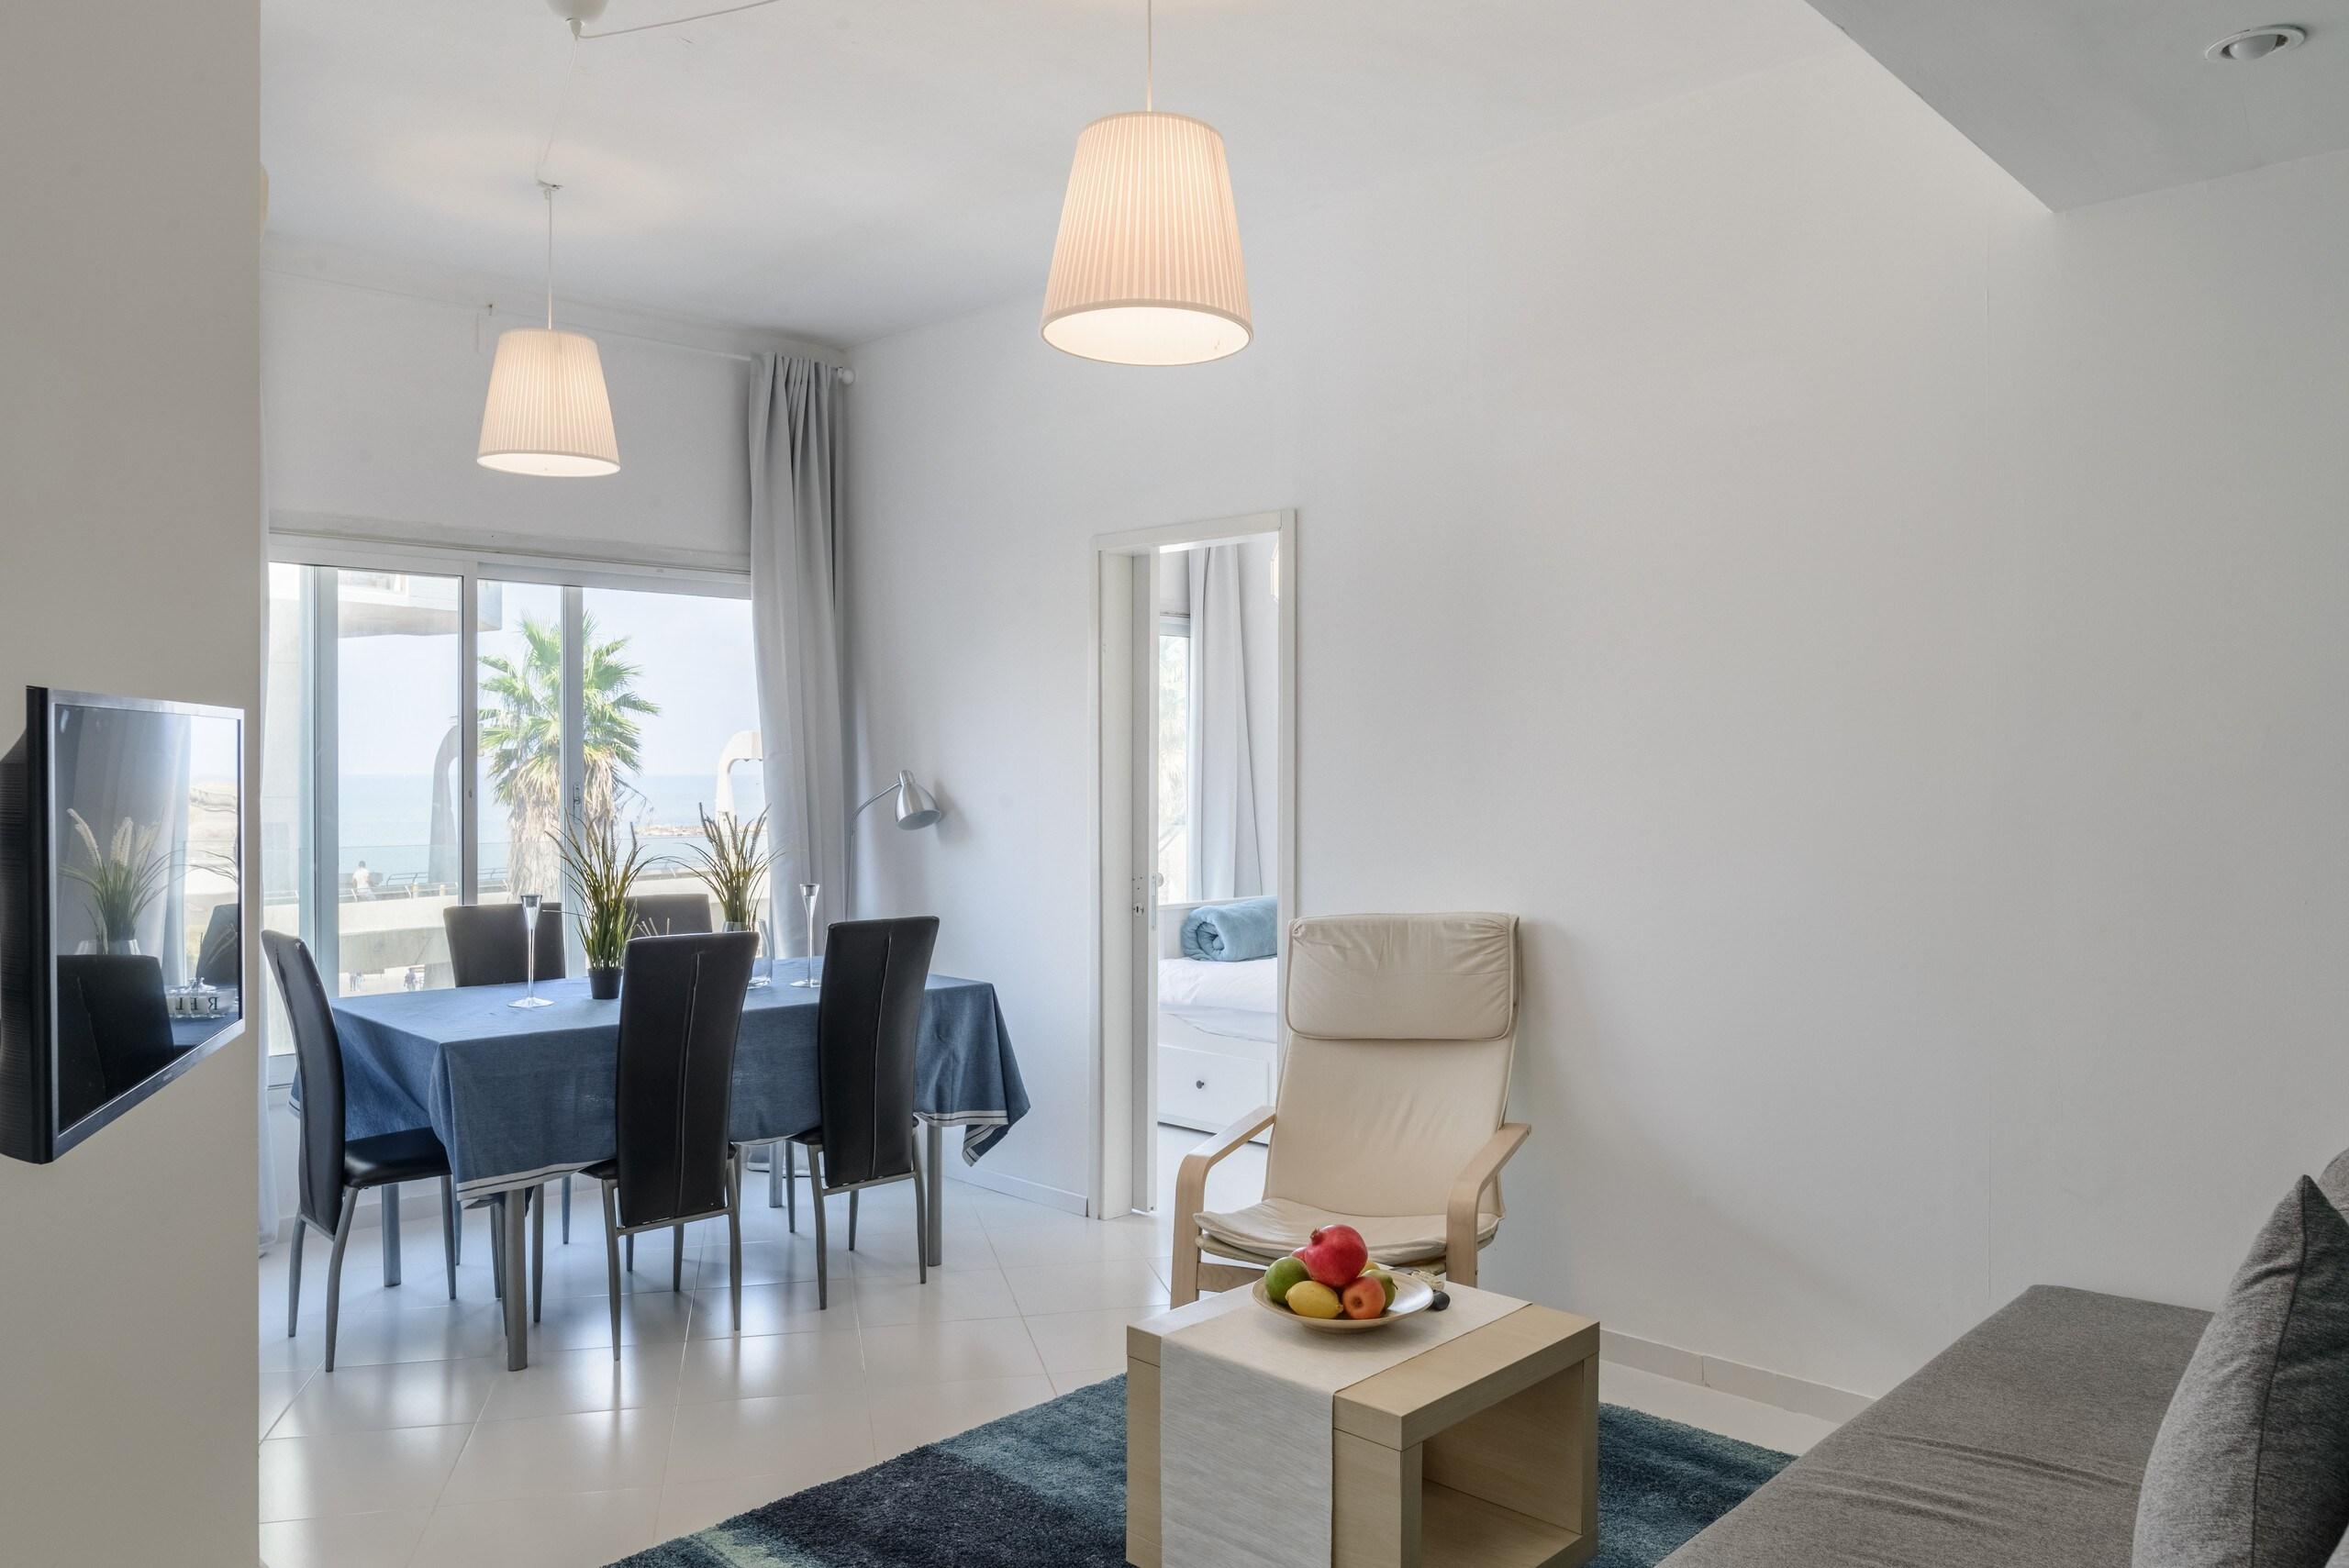 Sea View 2 bedroom apartment next to Hilton beach photo 21105489